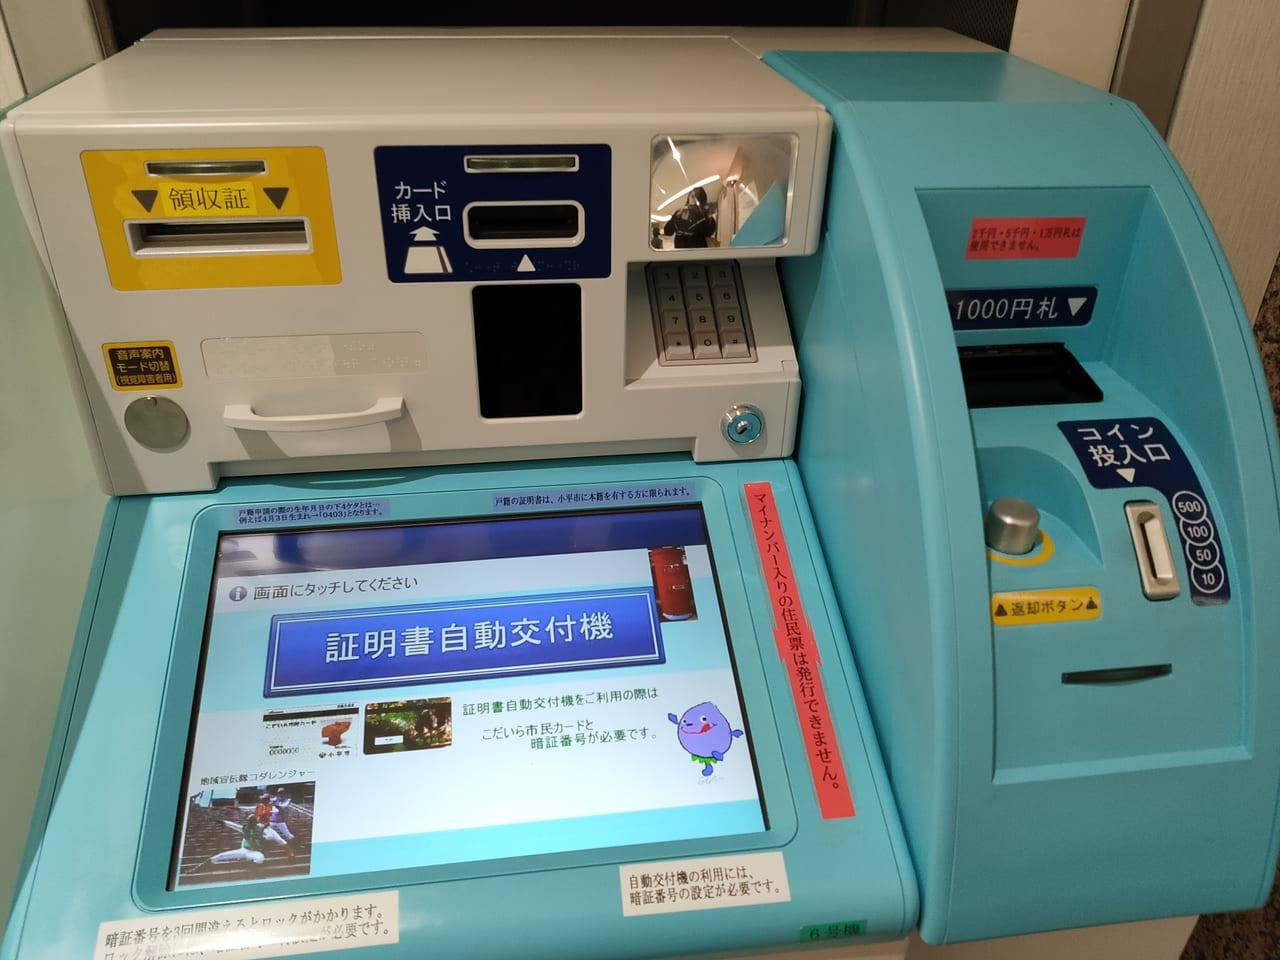 小平市の証明書自動交付機